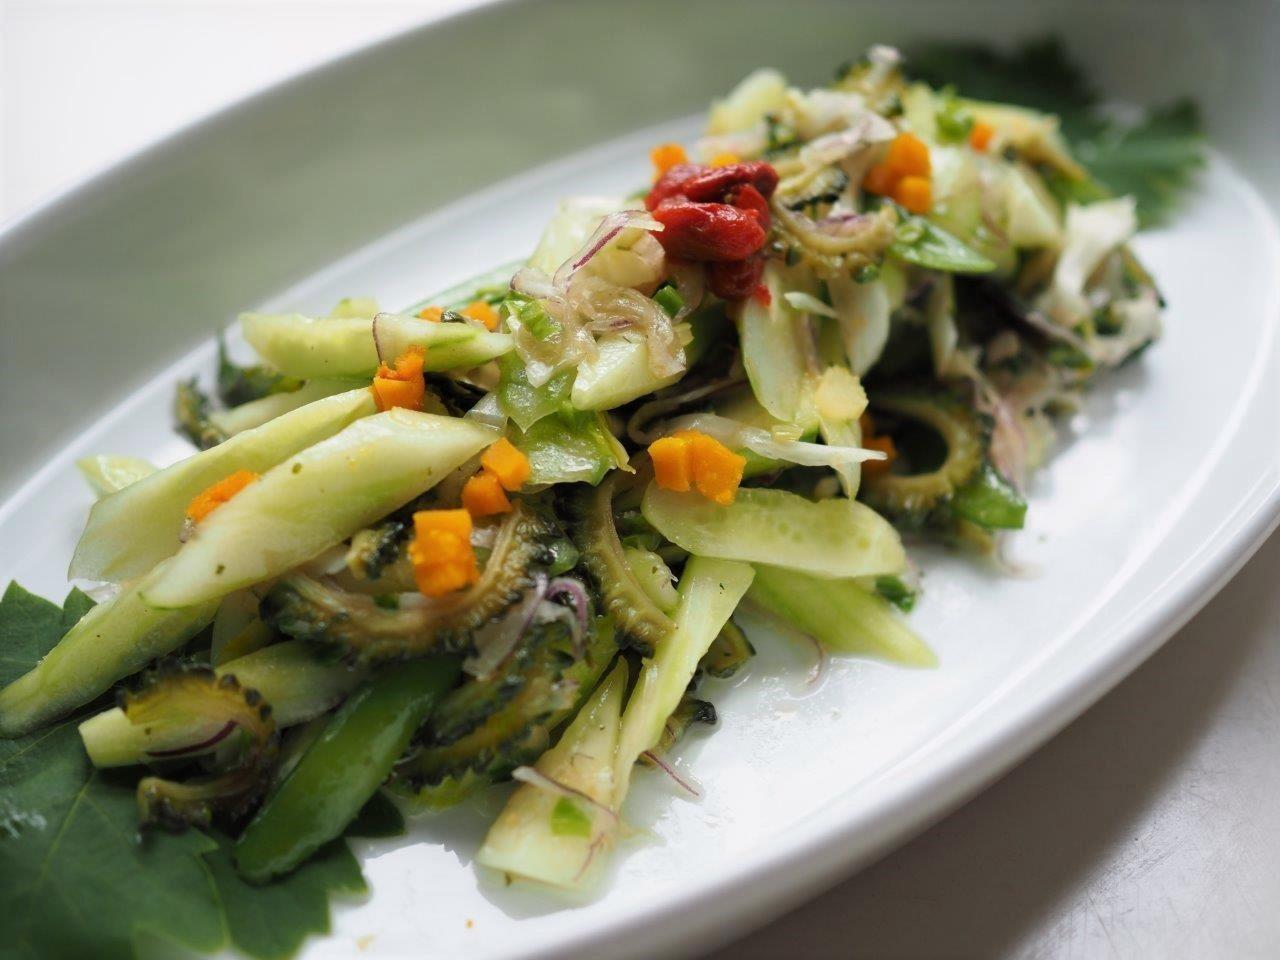 八種野菜のサラダ 特製ハーブドレッシングで_e0148373_18232391.jpg